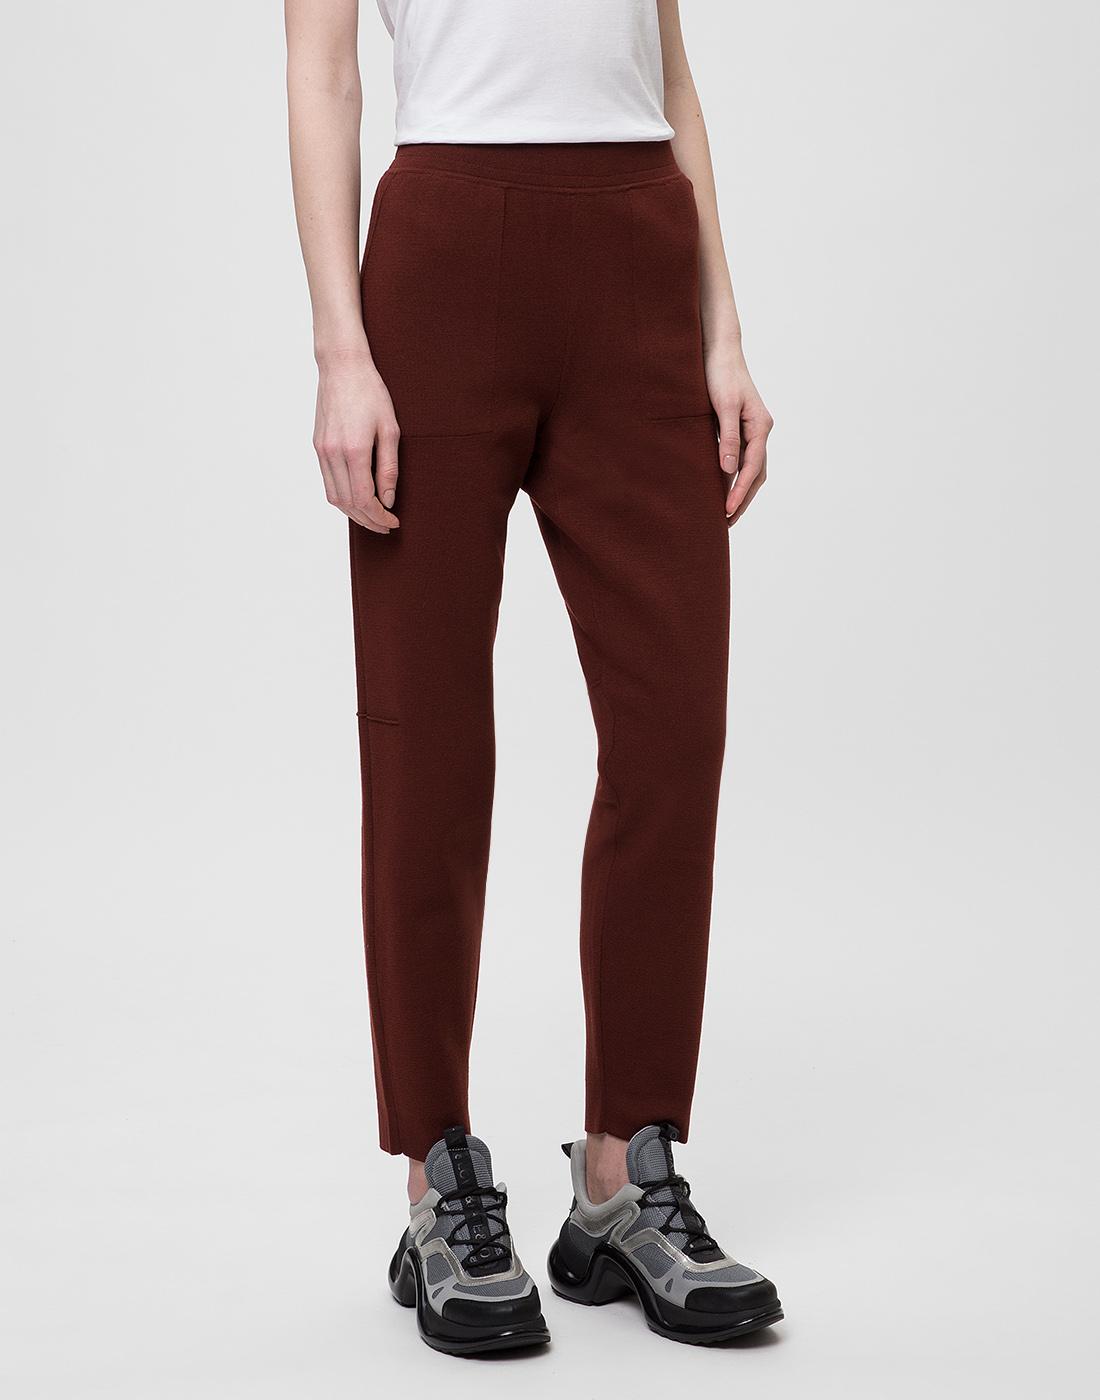 Женские коричневые брюки Falke Fashion S64033/5965-3